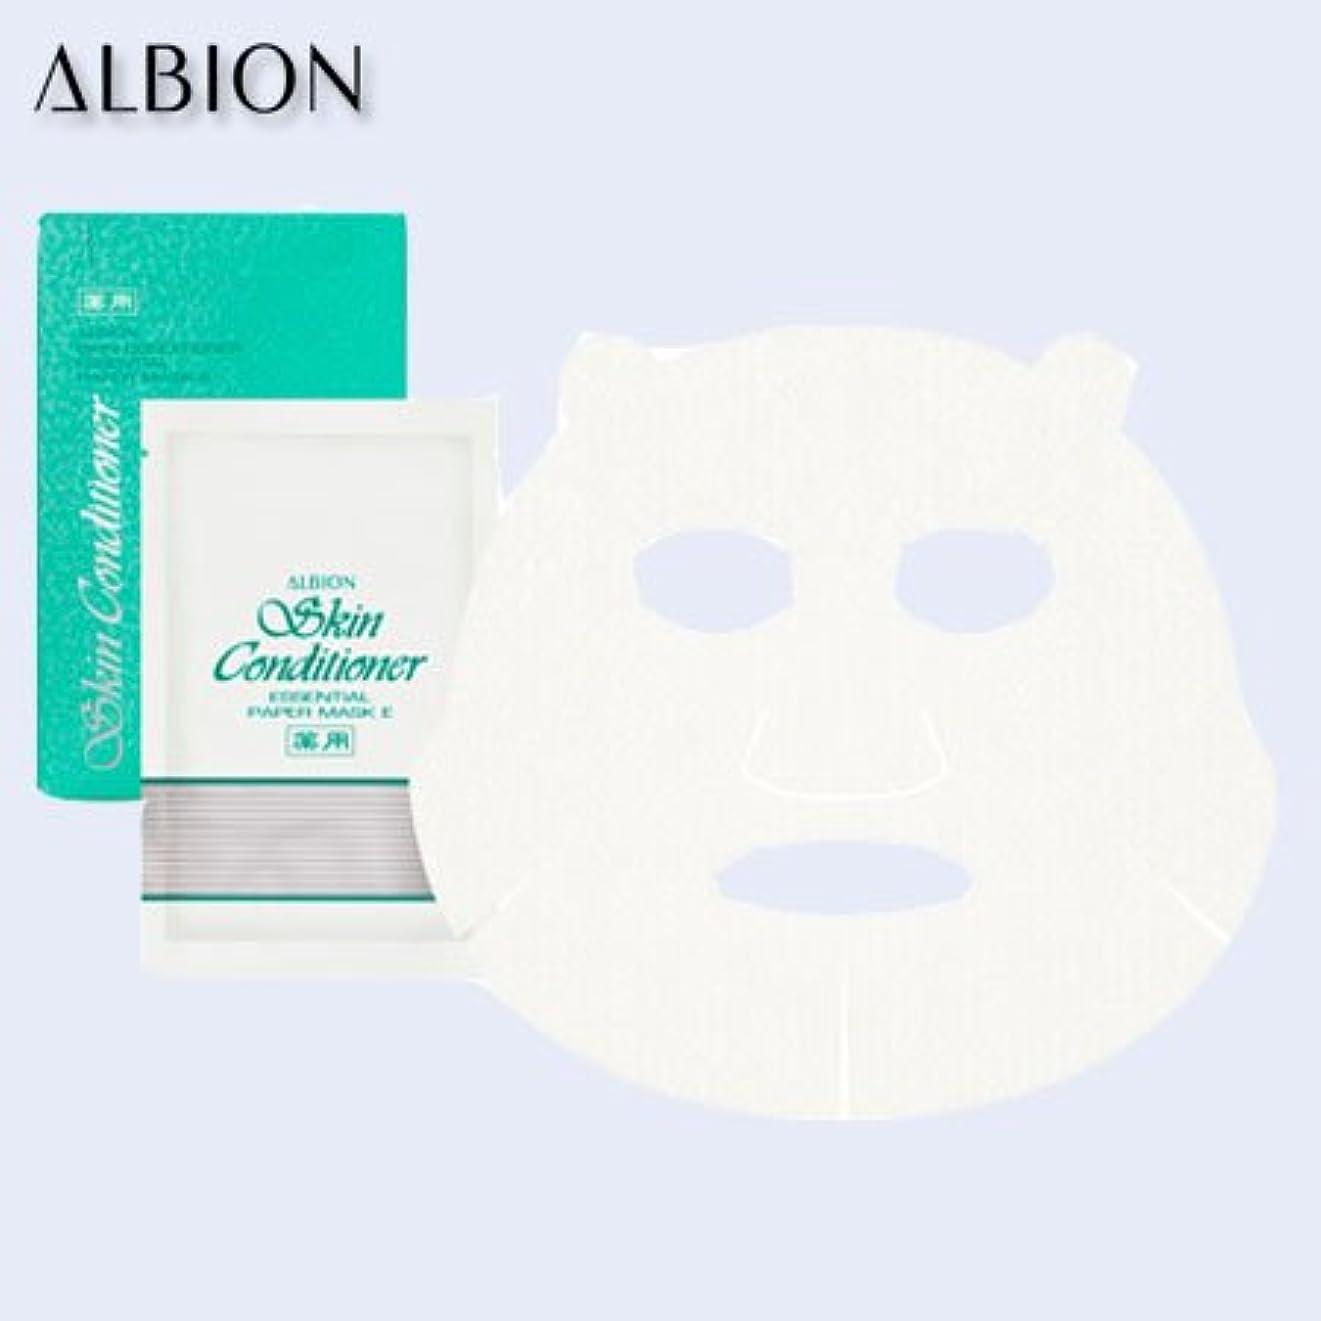 フェミニン極小機動アルビオン 薬用スキンコンディショナーエッセンシャルペーパーマスクE<医薬部外品>《12ml×8枚入》